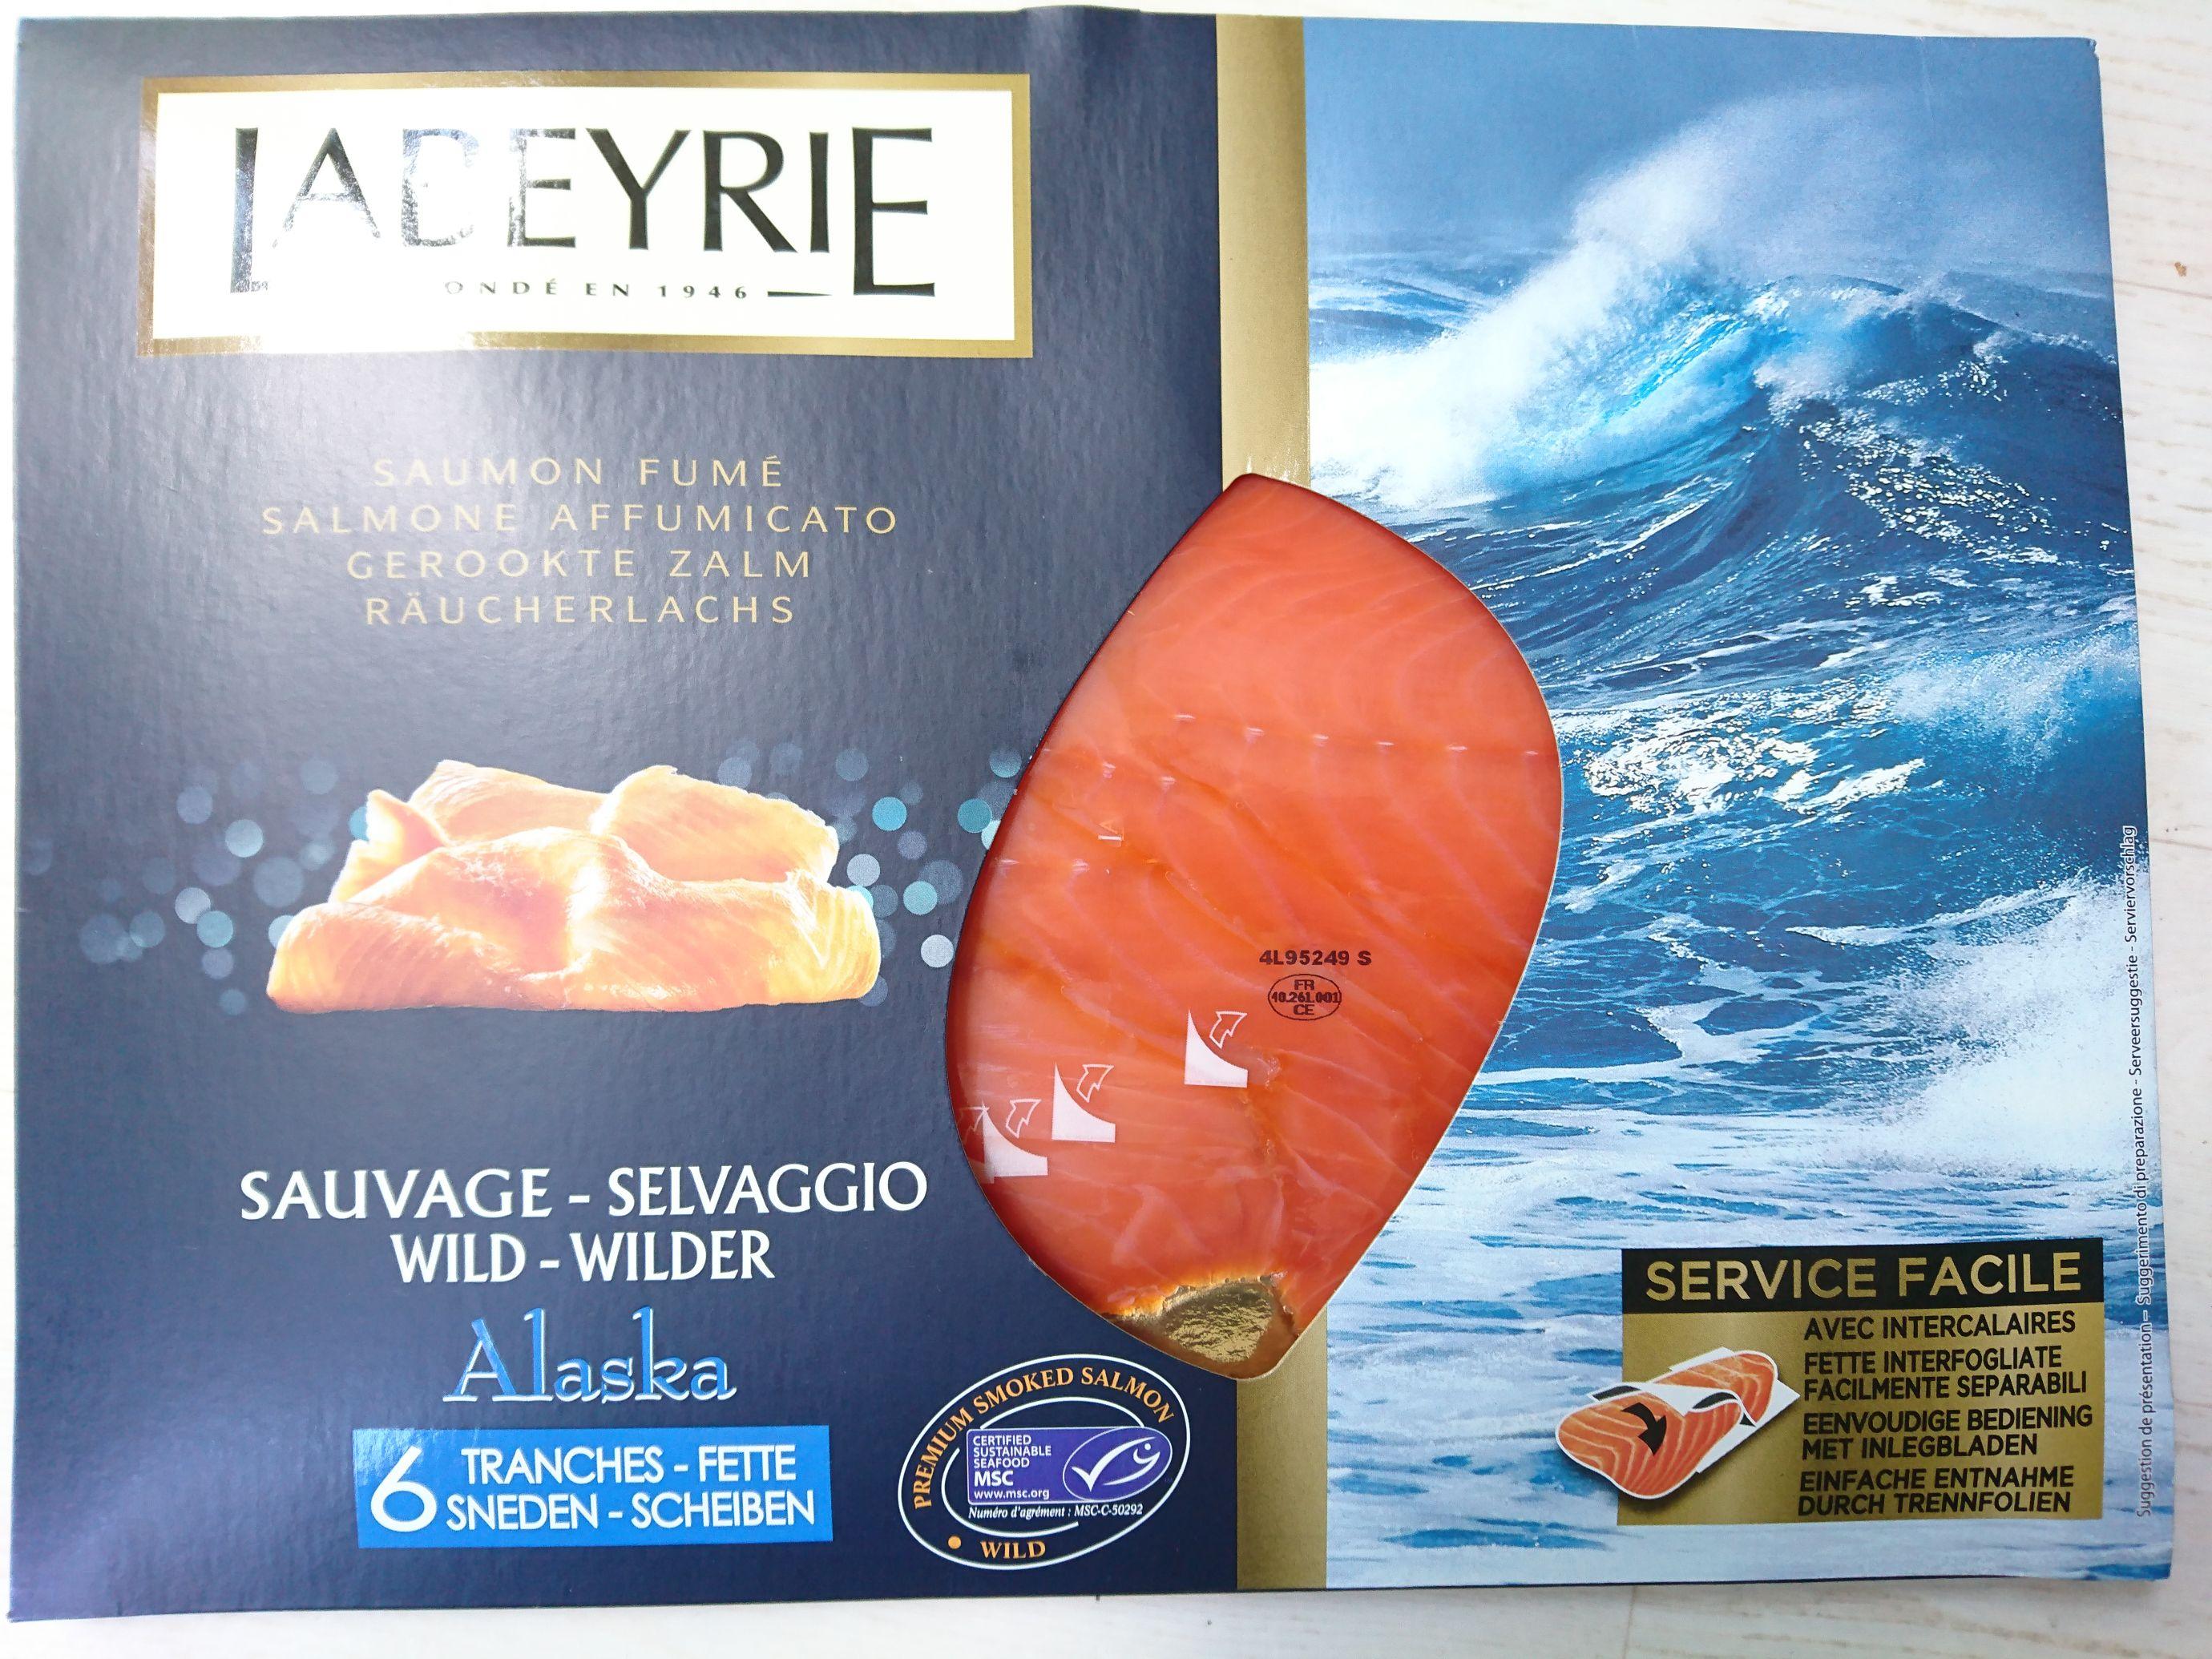 Lot de paquets de Saumon fumé d'Alaska Labeyrie - 2 x 160g - Houdemont (54)